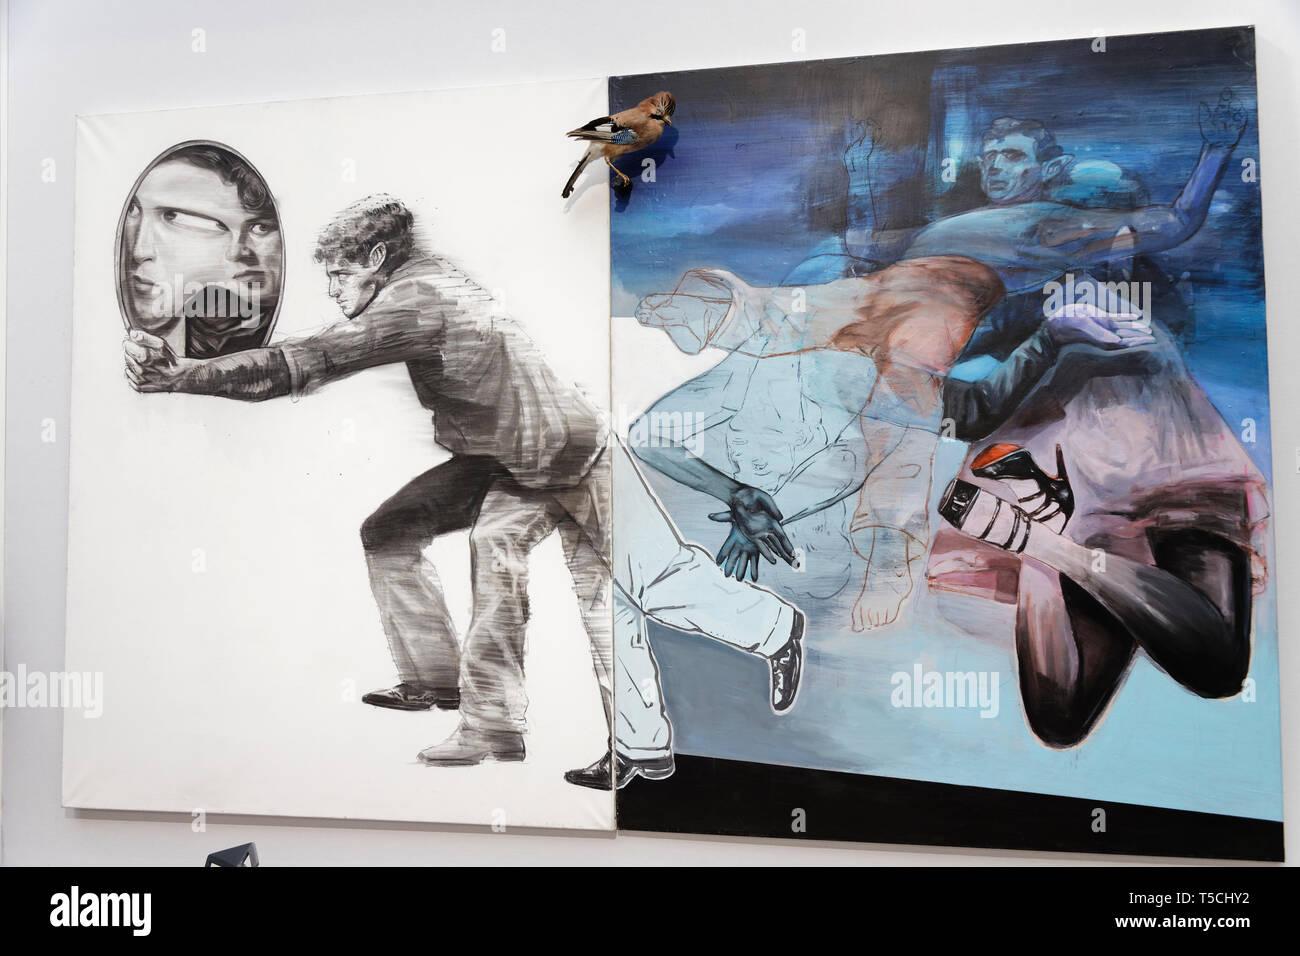 Paris, France. 3th April, 2019. Mohamed Lekleti exibited at  Paris Art Fair, Paris, 2019, France. Credit: Veronique Phitoussi/Alamy Stock Photo Stock Photo